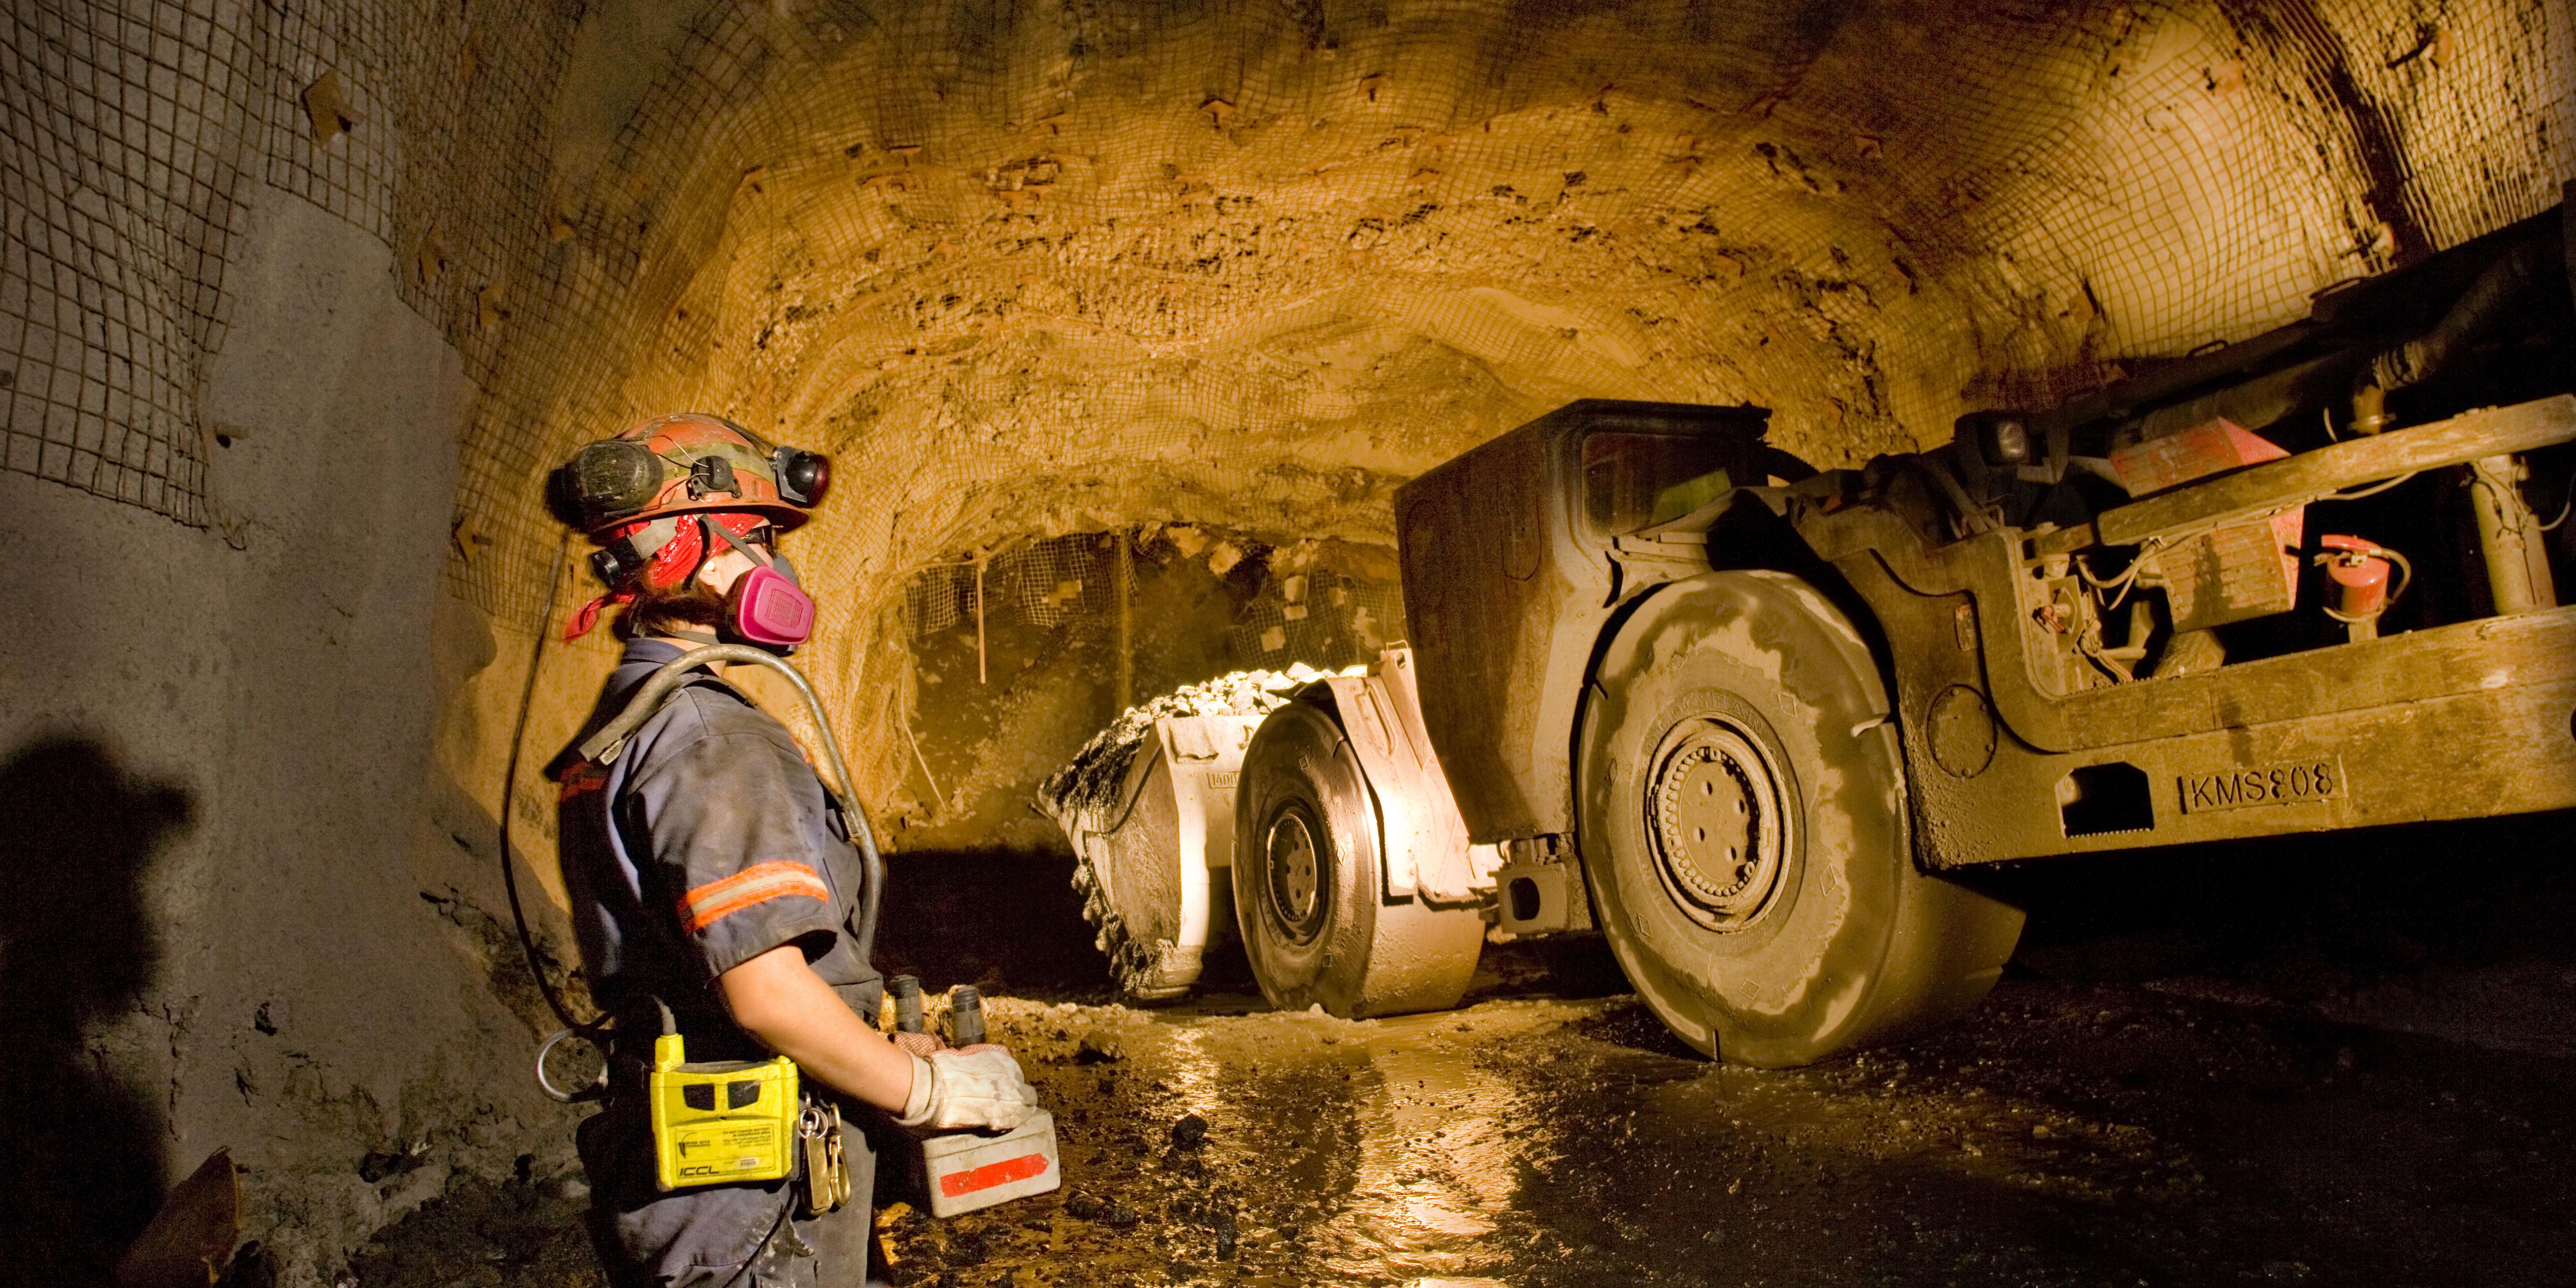 بررسی بهترین شیوه قیمت گذاری سنگ آهن